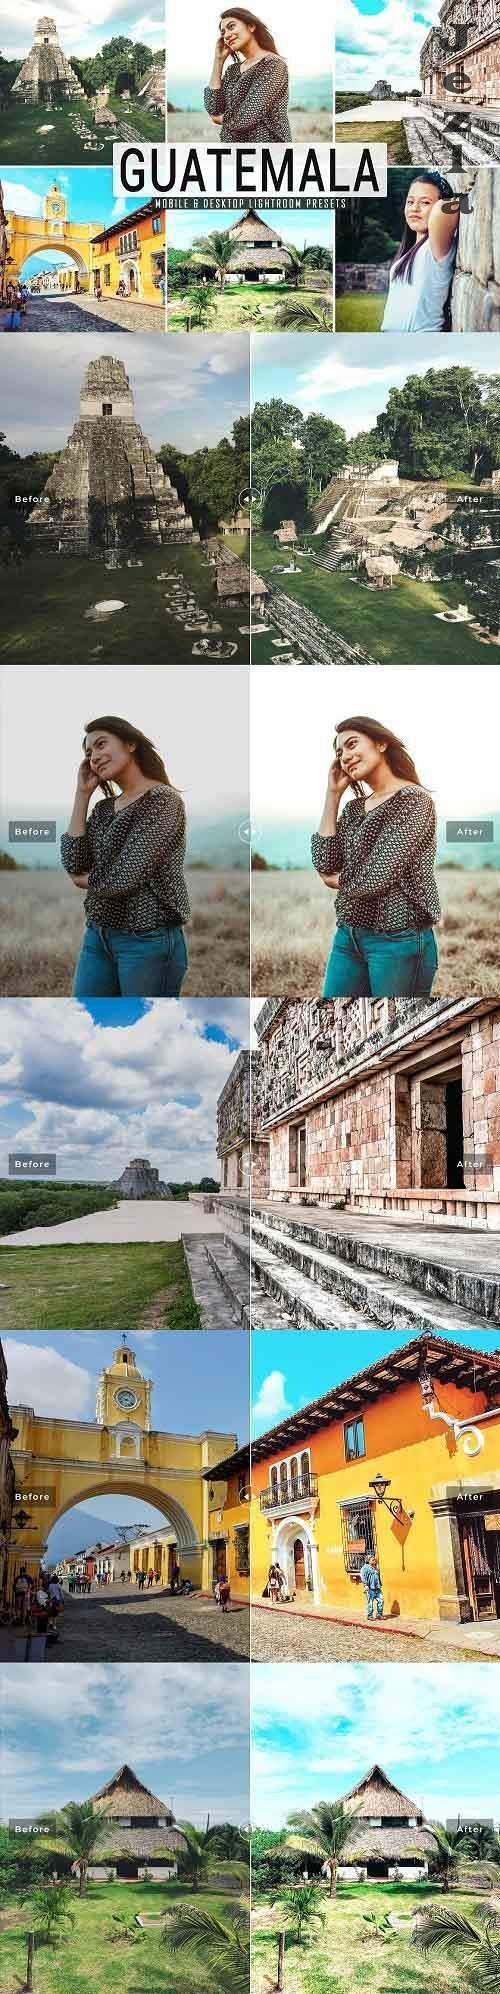 Guatemala Pro Lightroom Presets - 5542358 - Mobile & Desktop